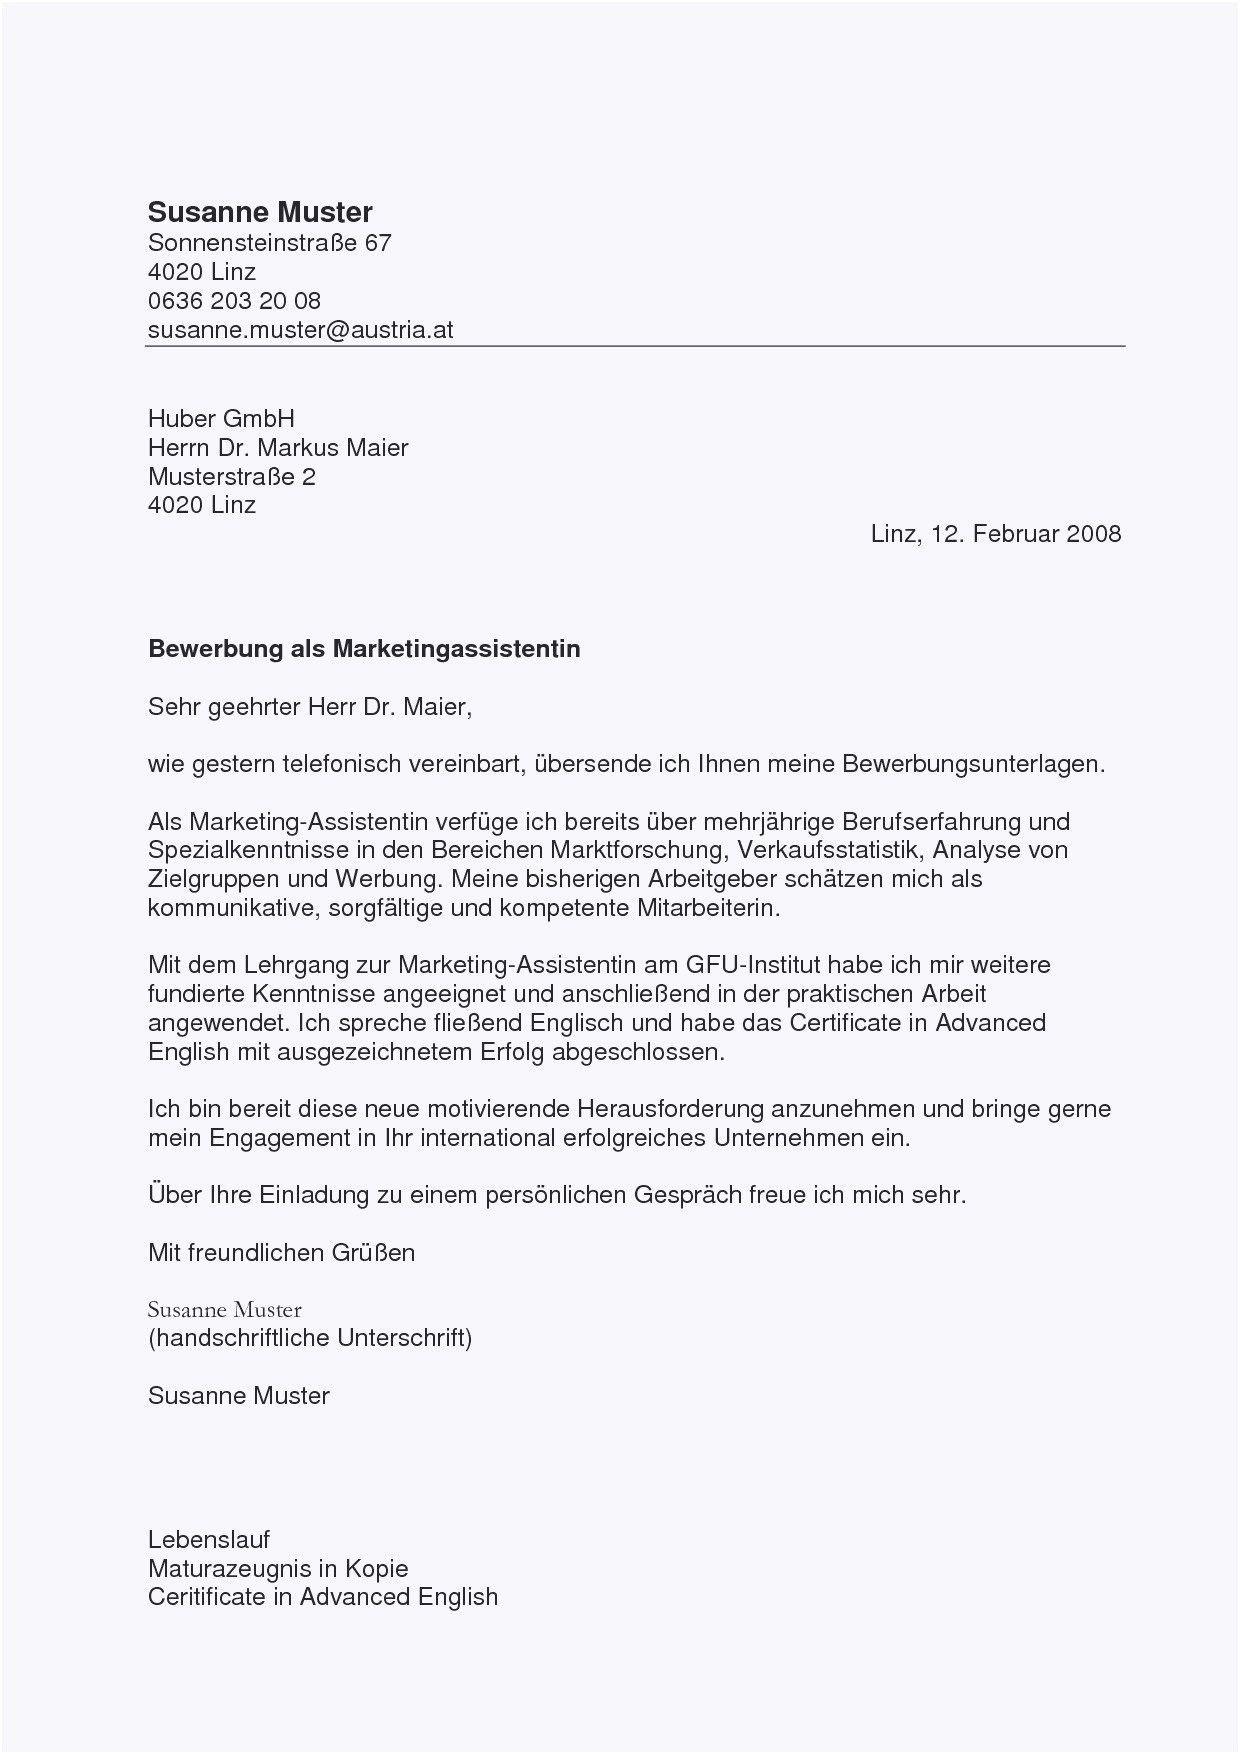 Briefprobe Briefformat Briefvorlage Trauerrede Bewerbung Schreiben Lebenslauf